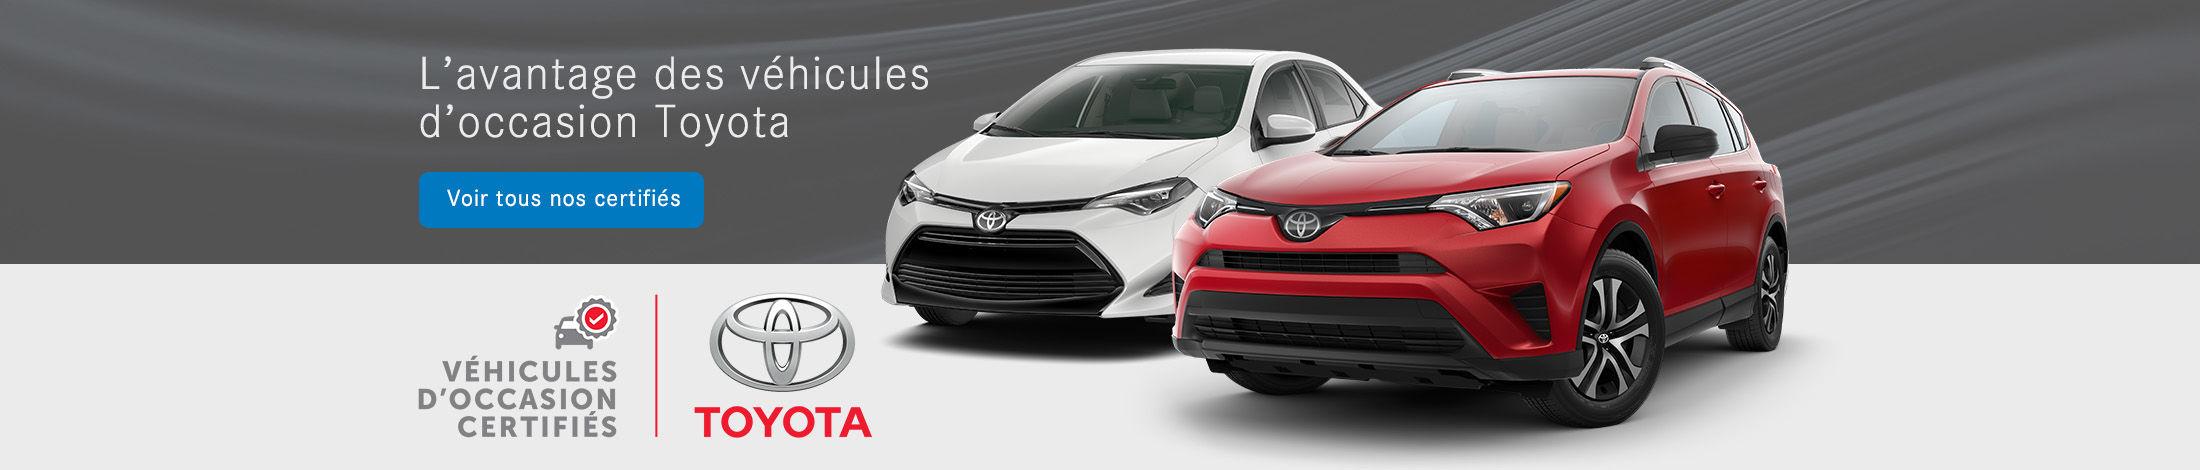 Occasion certifié Toyota